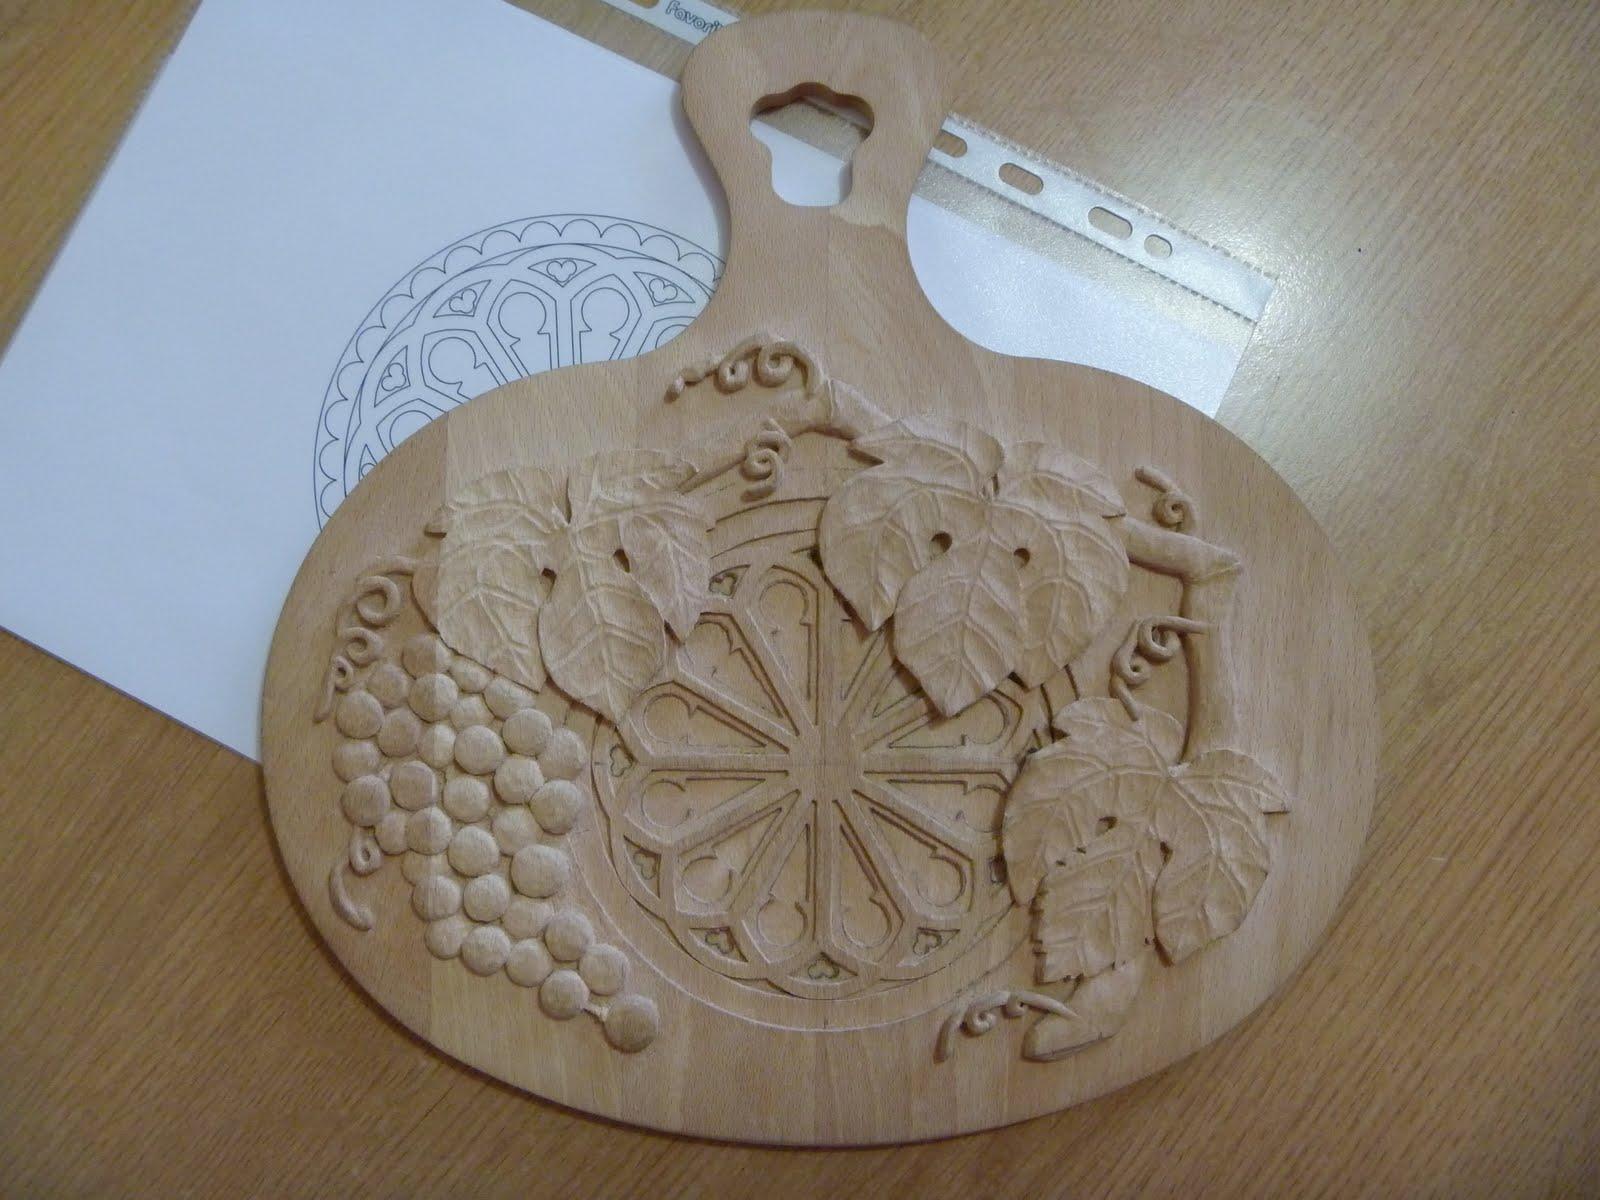 Preferenza Nel Legno - wood carving and more: Work In Progress: Rosone gotico CN04